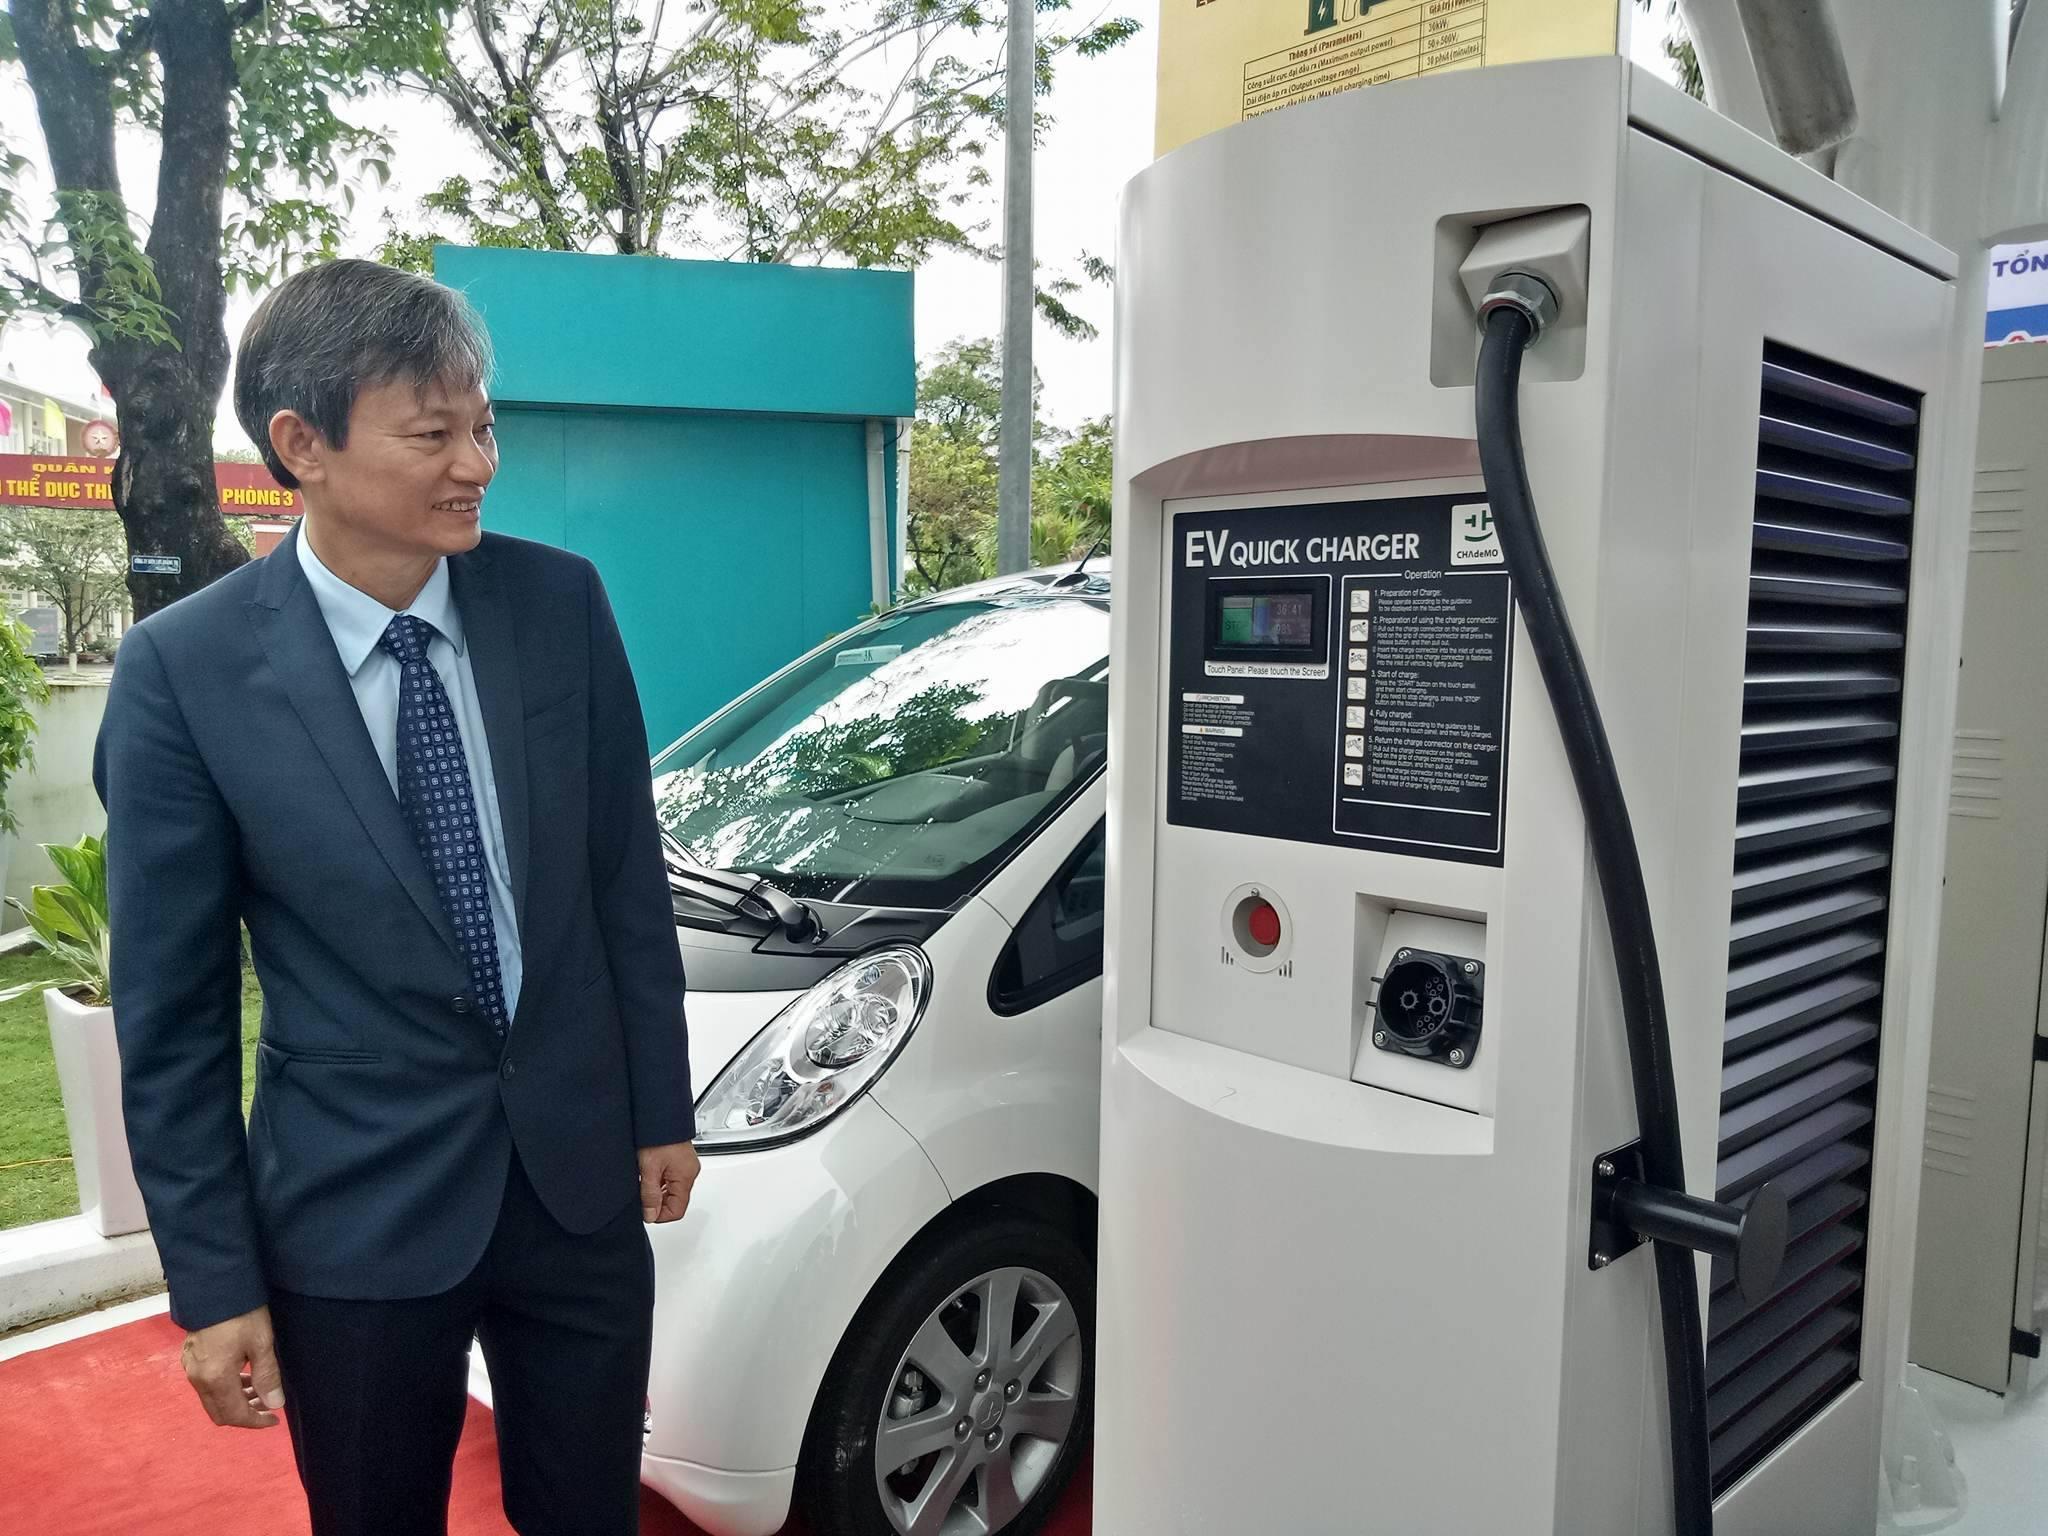 Cuộc sống xanh - Vận hành xe ô tô điện, trạm sạc điện nhanh đầu tiên tại Việt Nam (Hình 2).